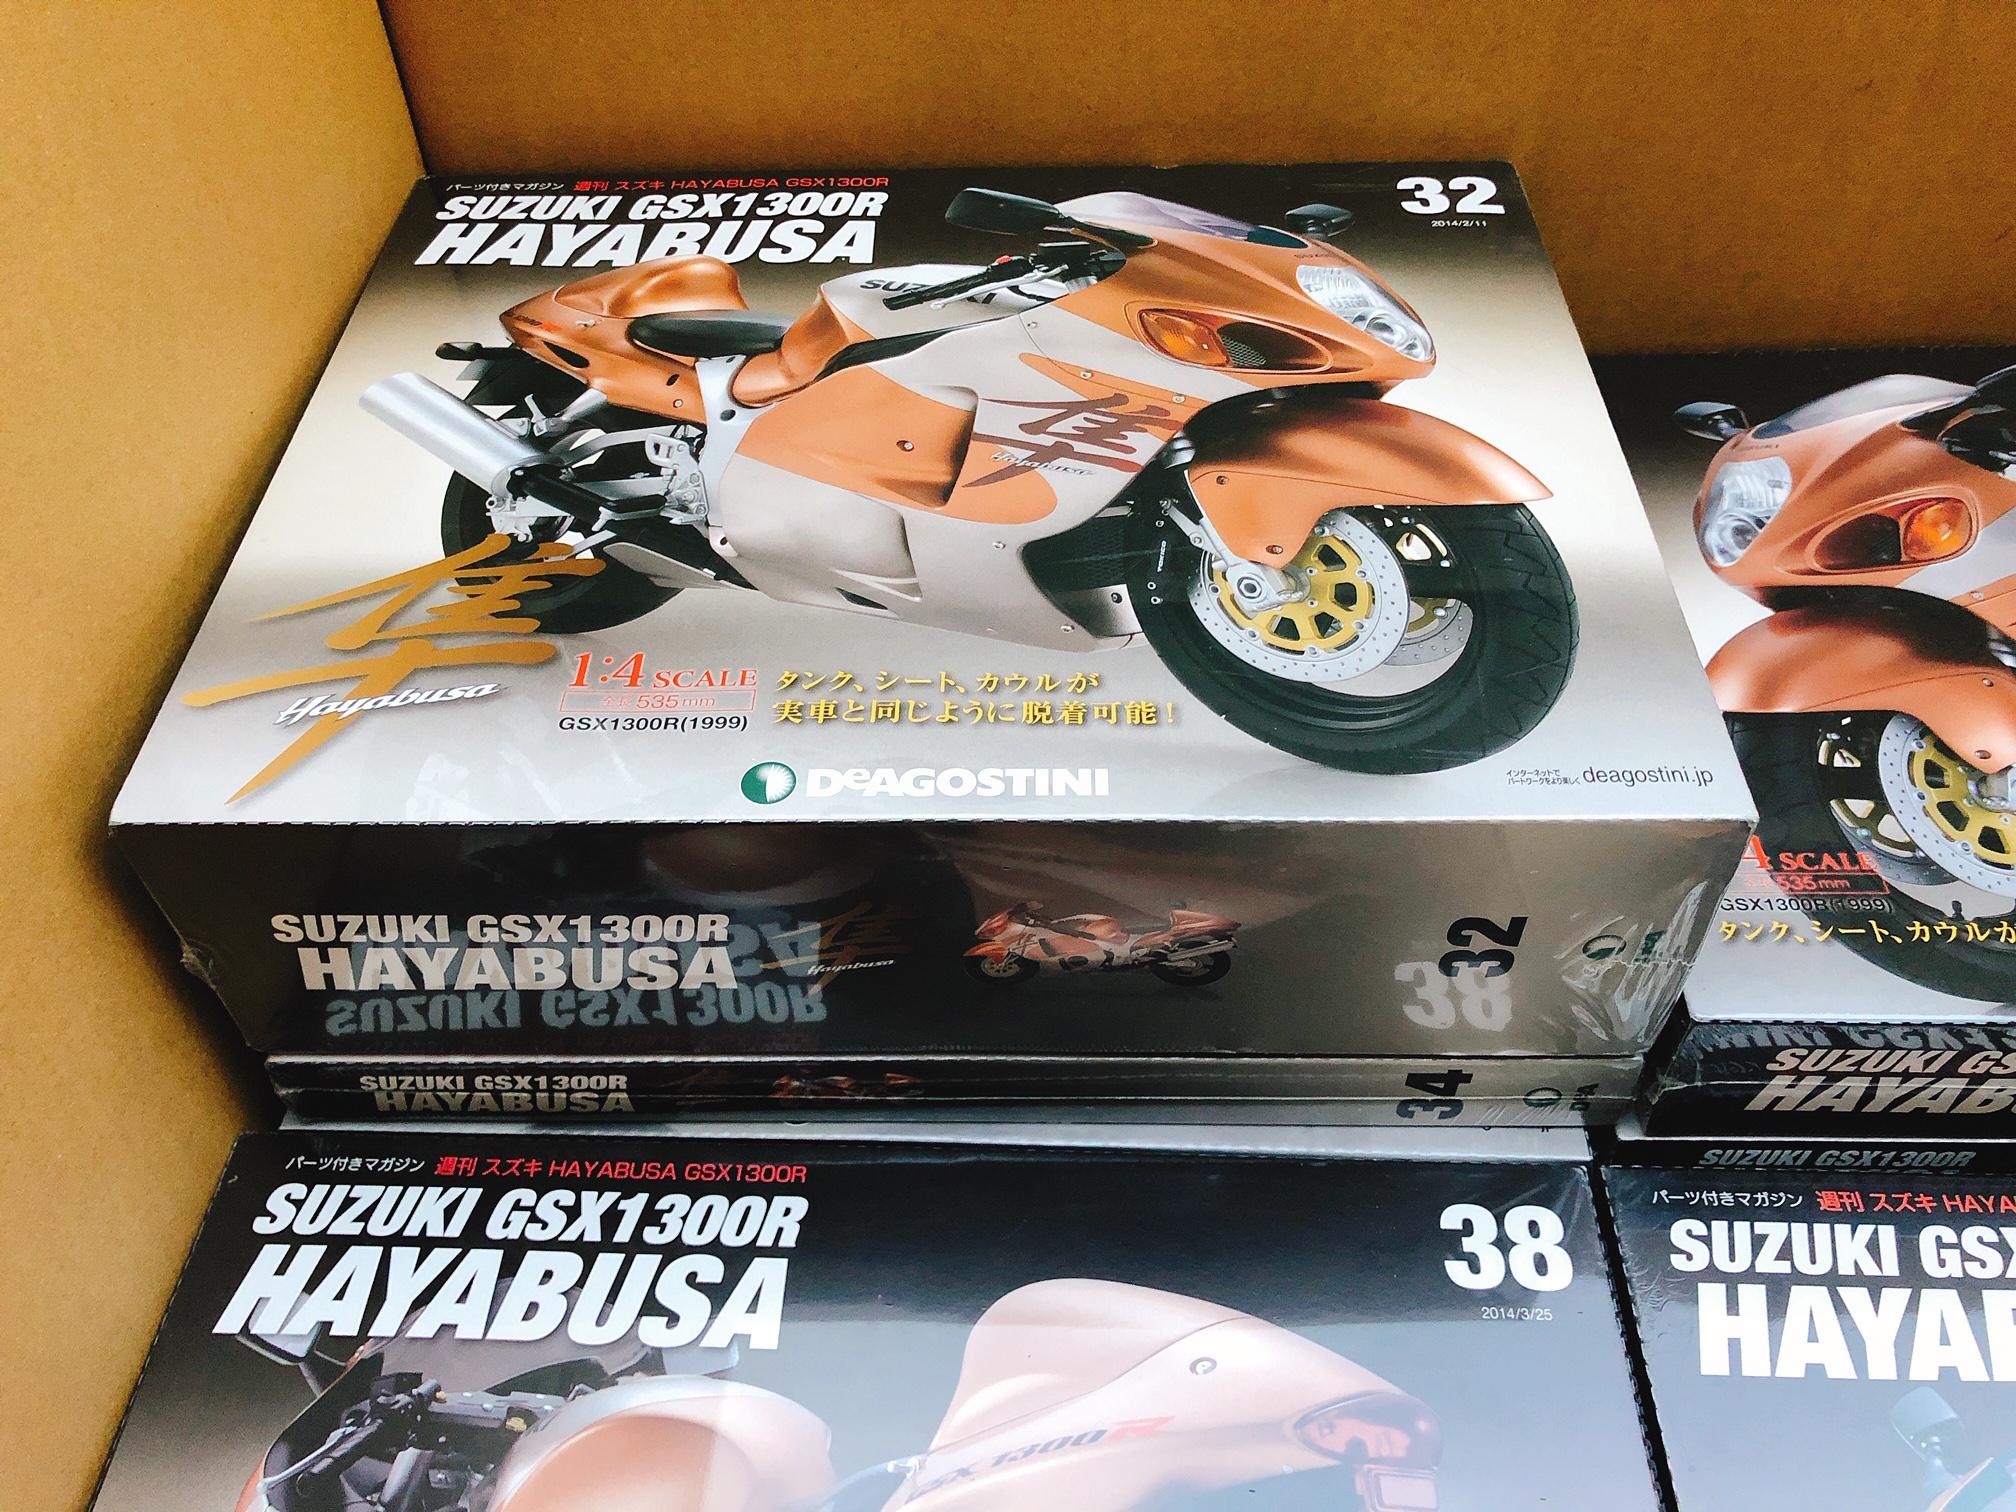 週刊 SUZUKI スズキ HAYABUSA 隼 GSX1300Rの出張買取